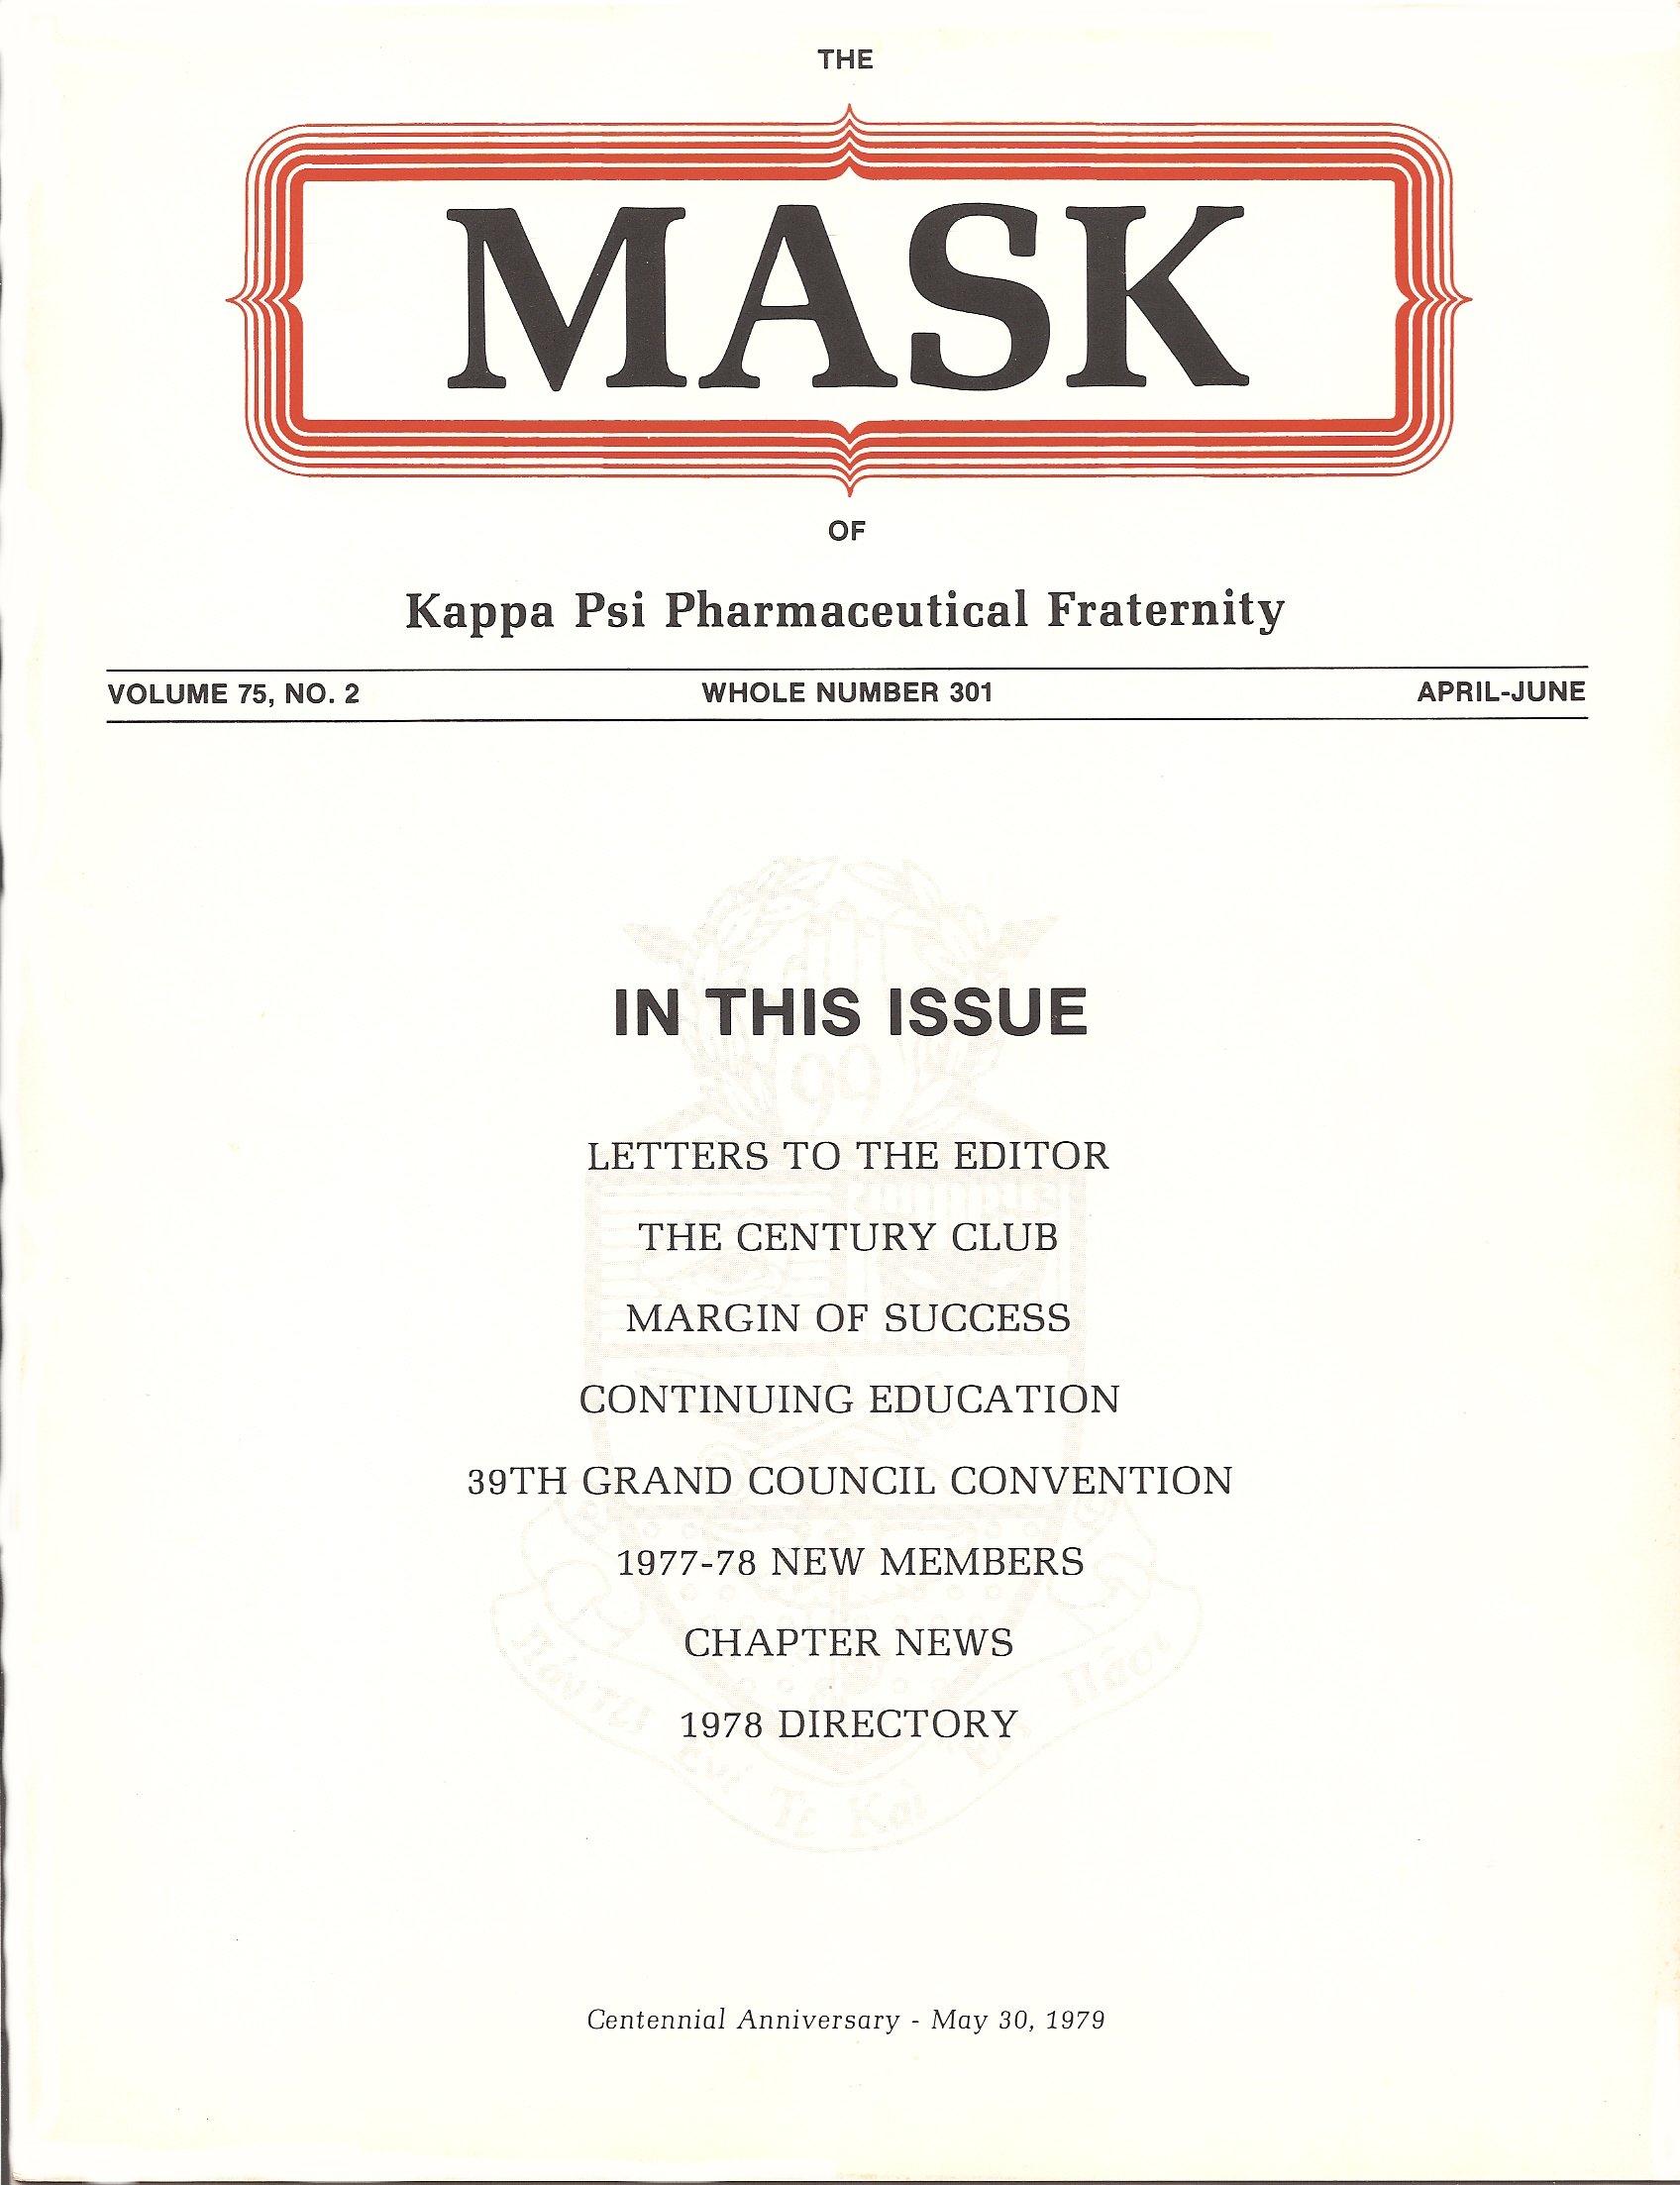 mask_cover_04_1978.jpg